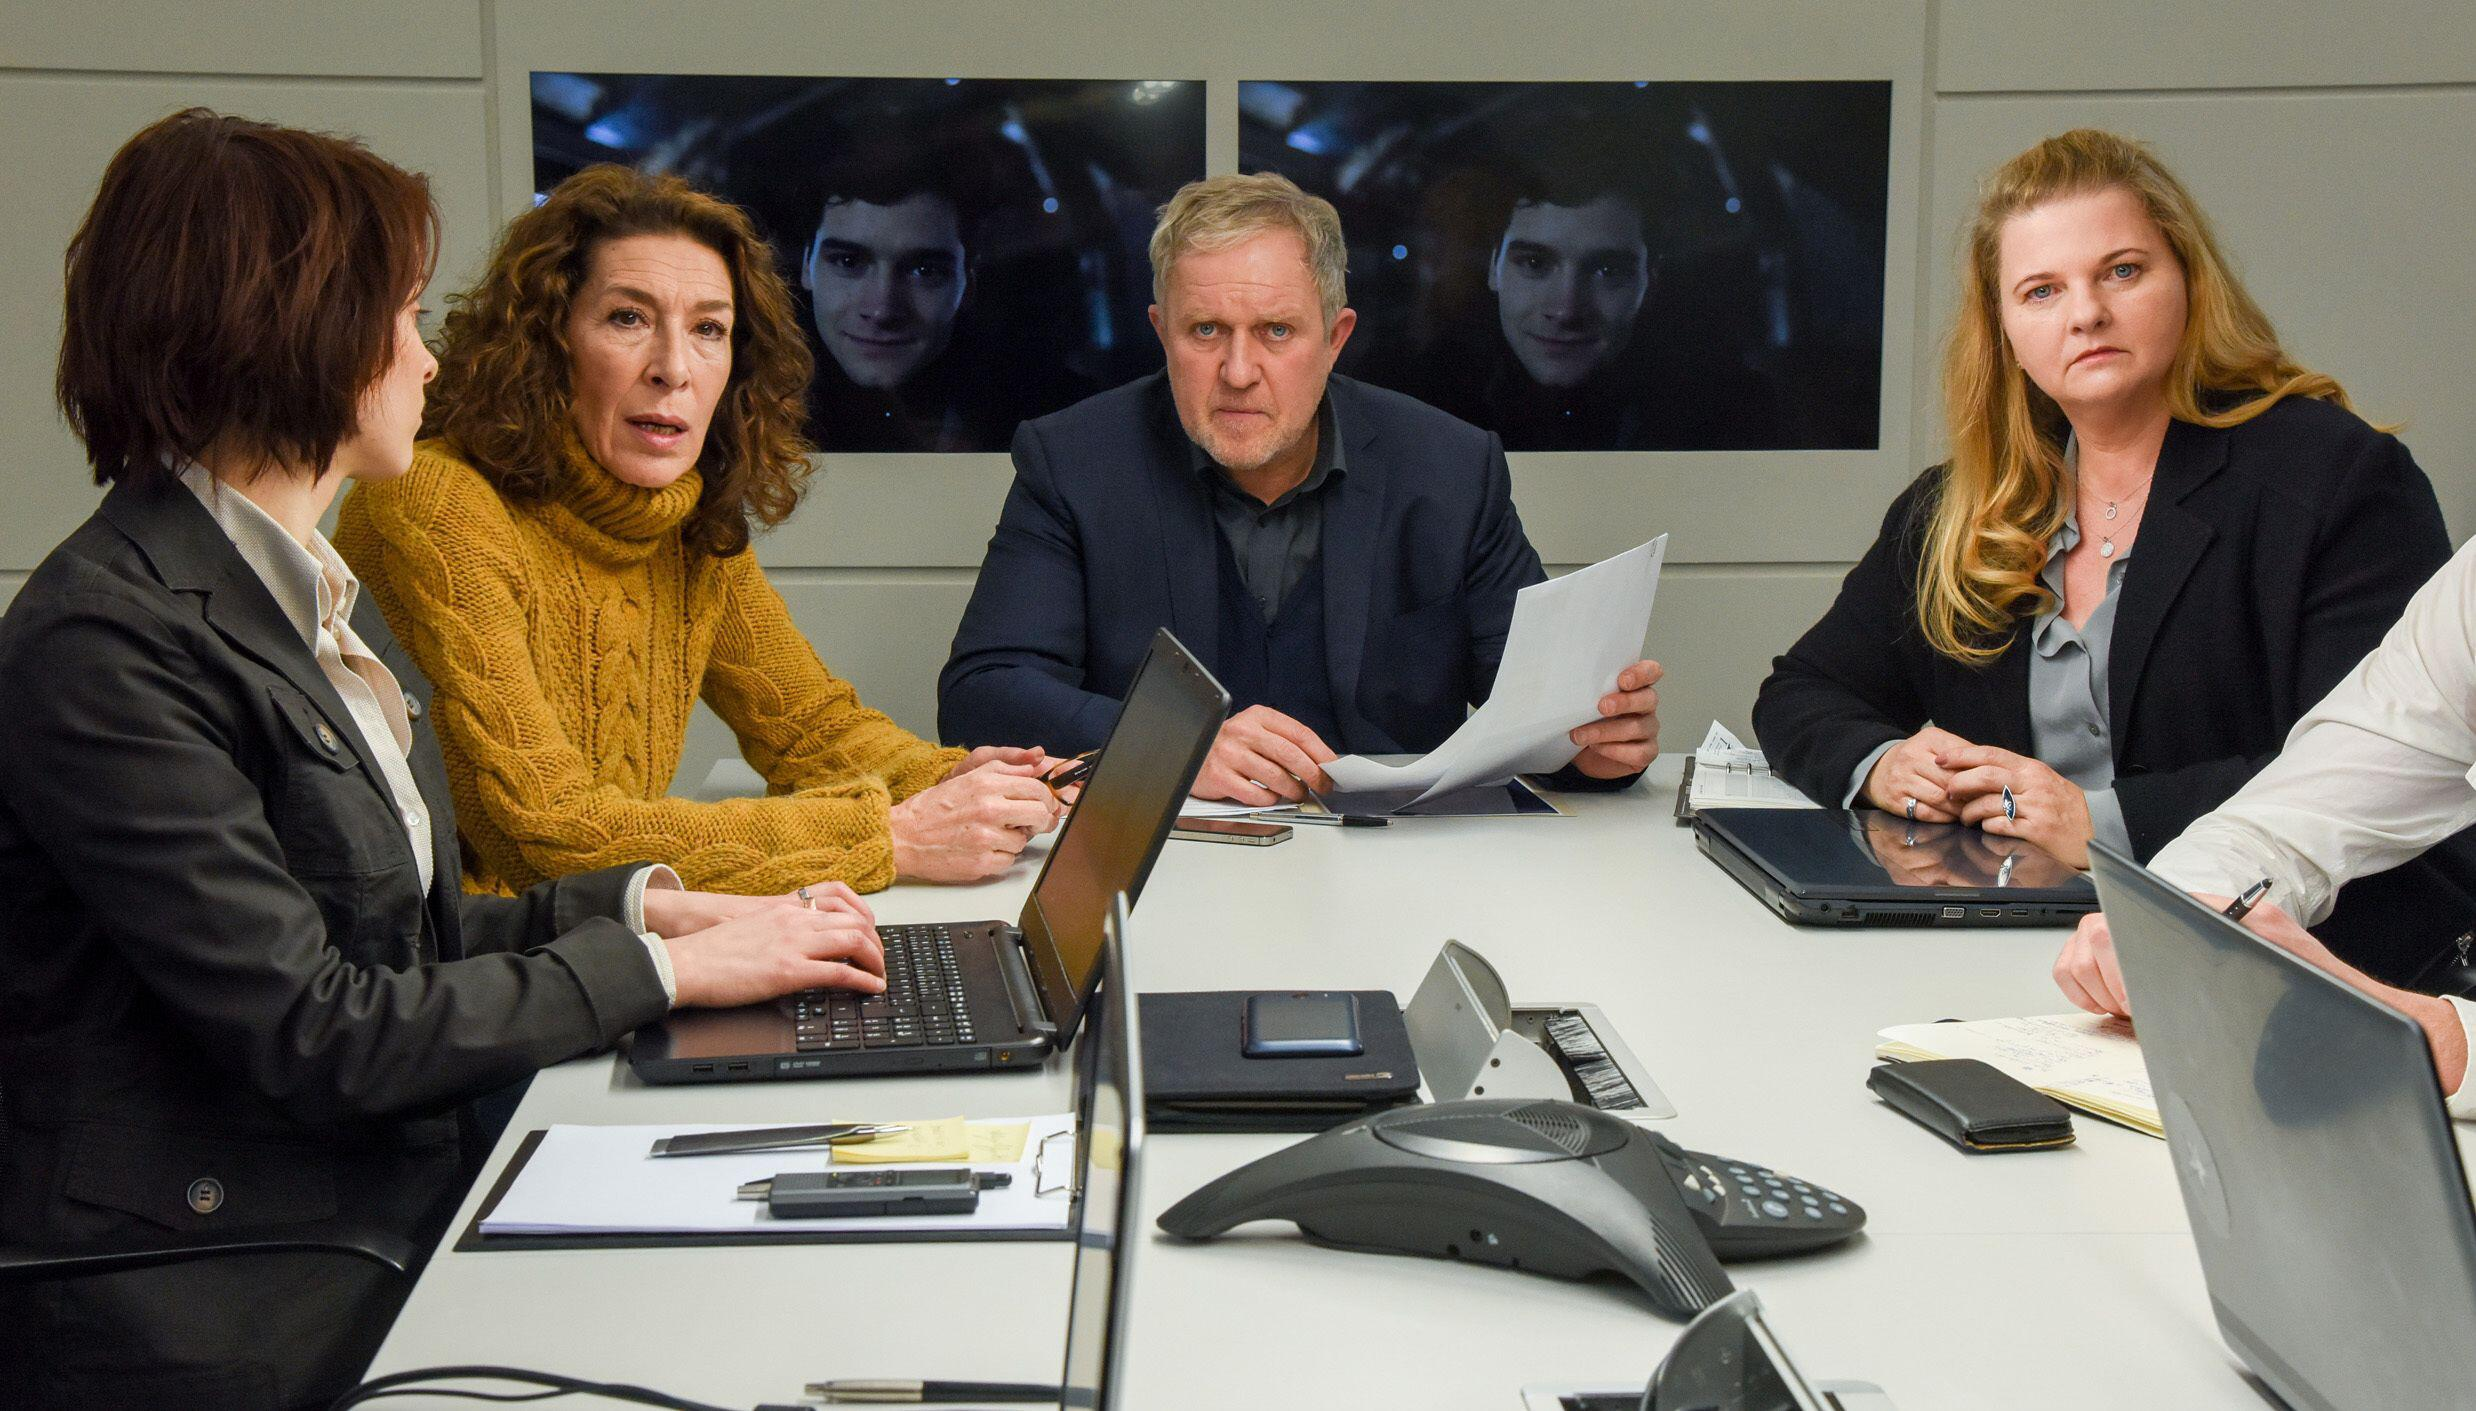 Bild zu Tatort, Wien, Harald Krassnitzer, Adele Neuhauser